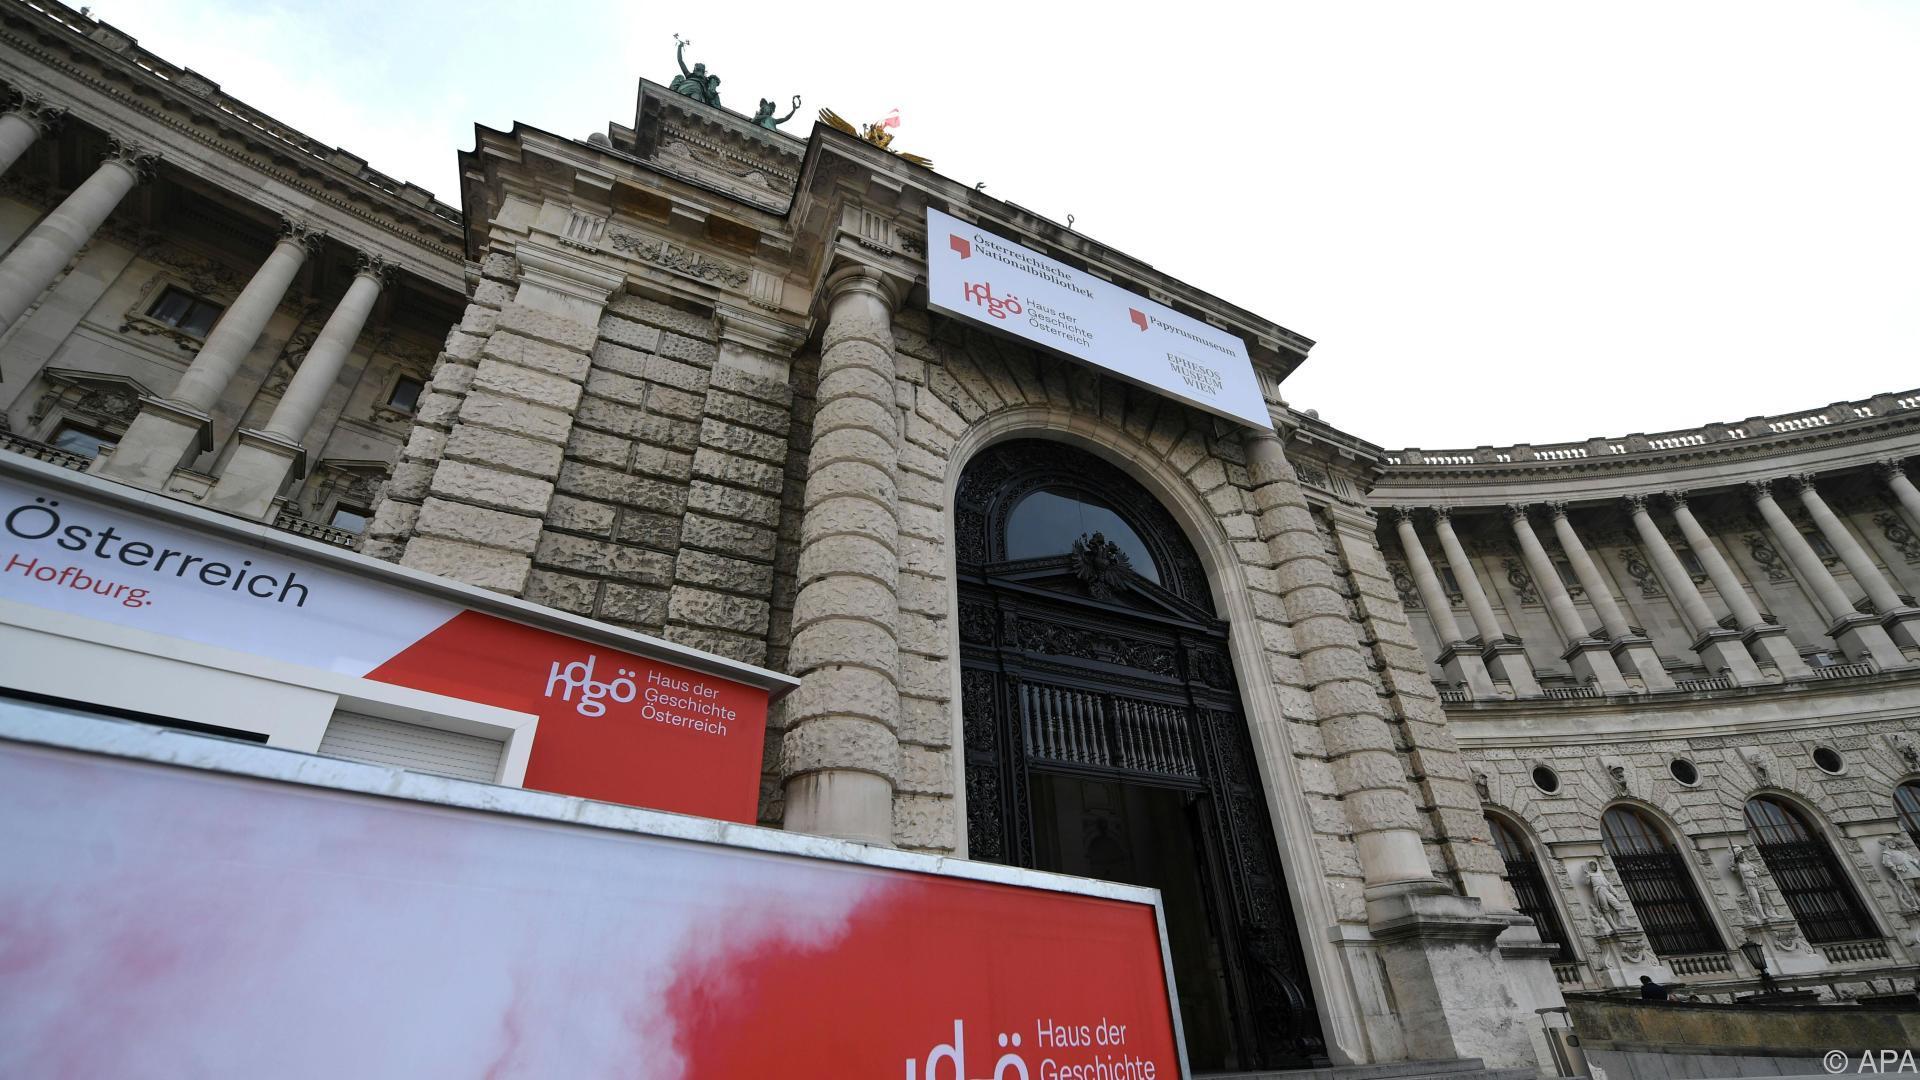 hdgö-Evaluation hält Neubau am Heldenplatz für beste Lösung